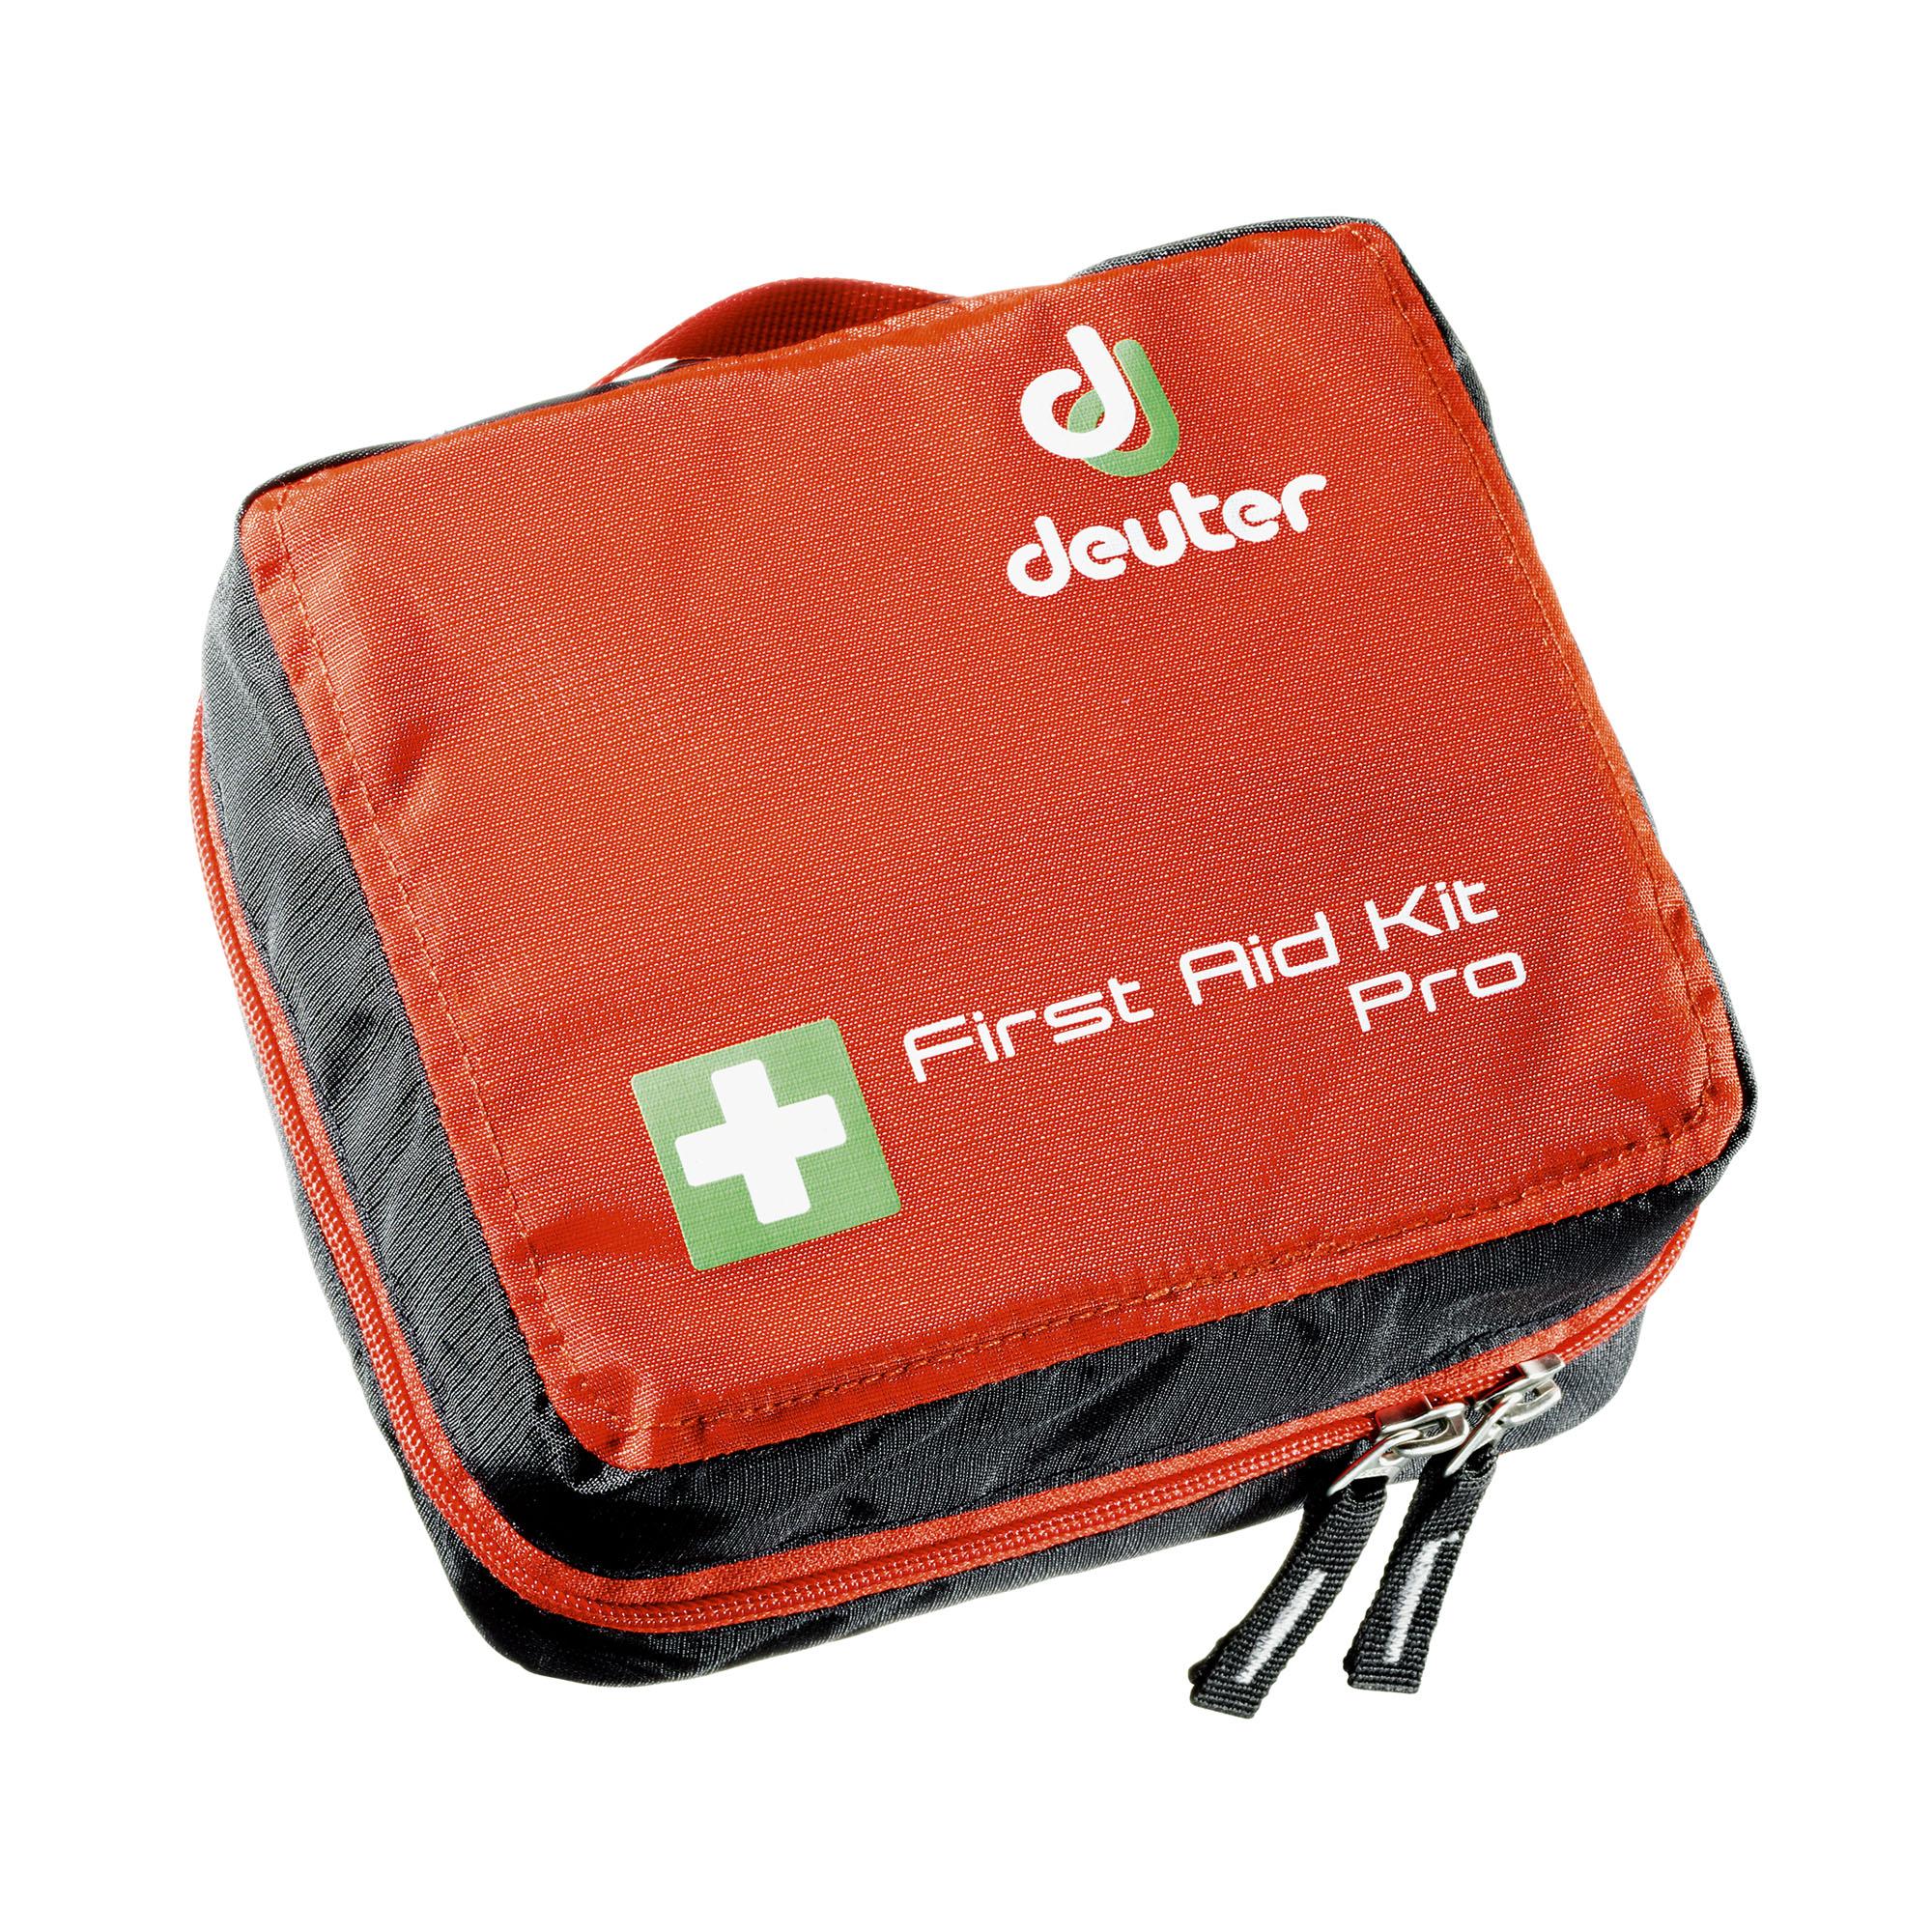 Deuter Erste Hilfe Set First Aid Kit Pro 394321...